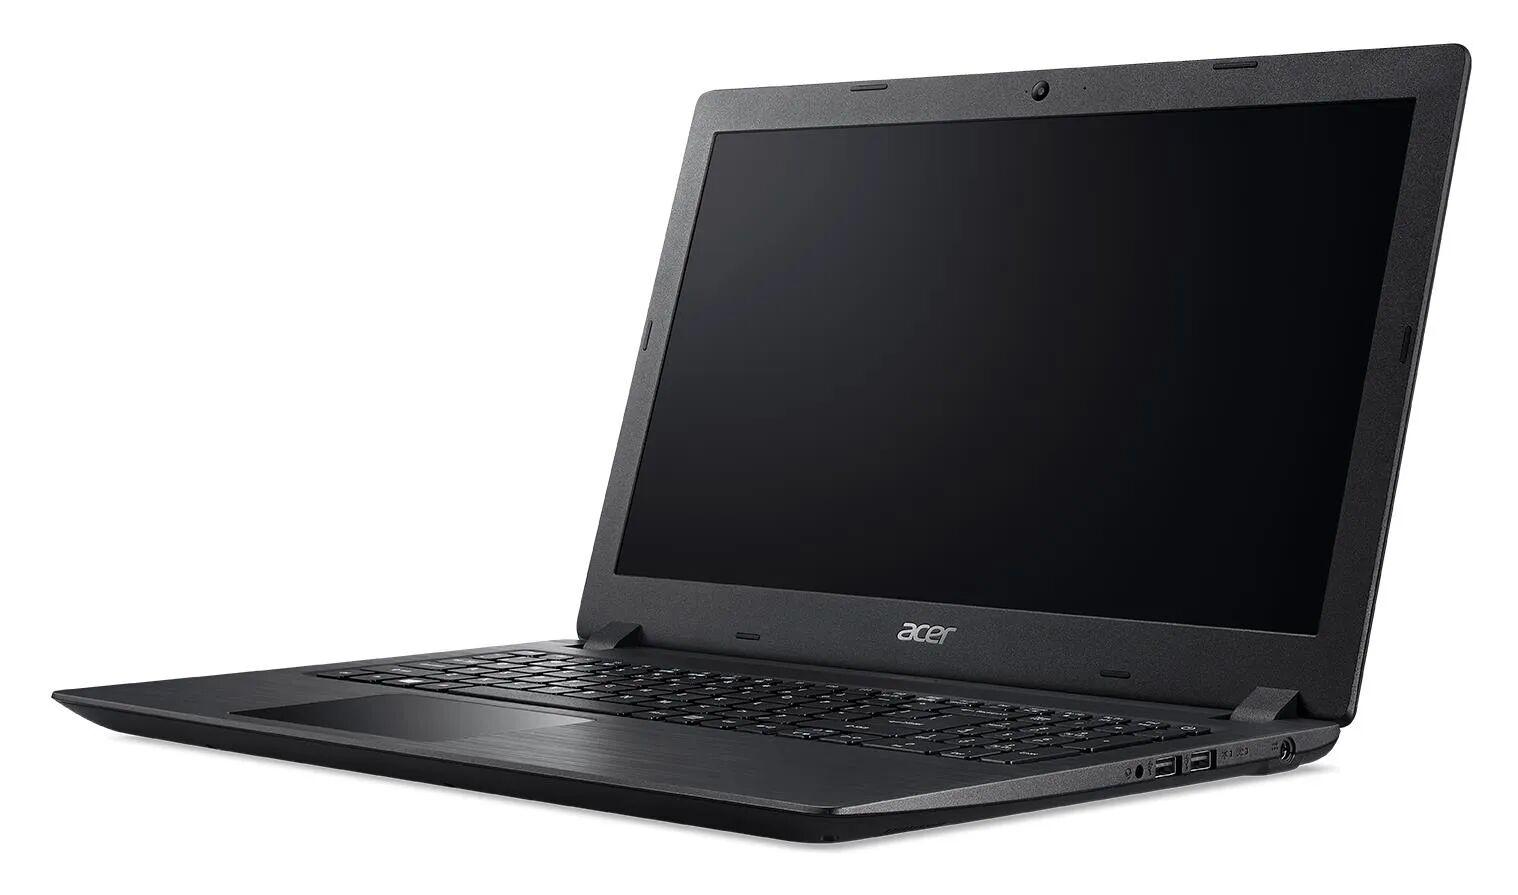 Acer Aspire 3 A315-53G-35JP i3 7020U 4Gb 1Tb Hd 15.6'' MX130 Wi-Fi obsidian black Win 10 Home